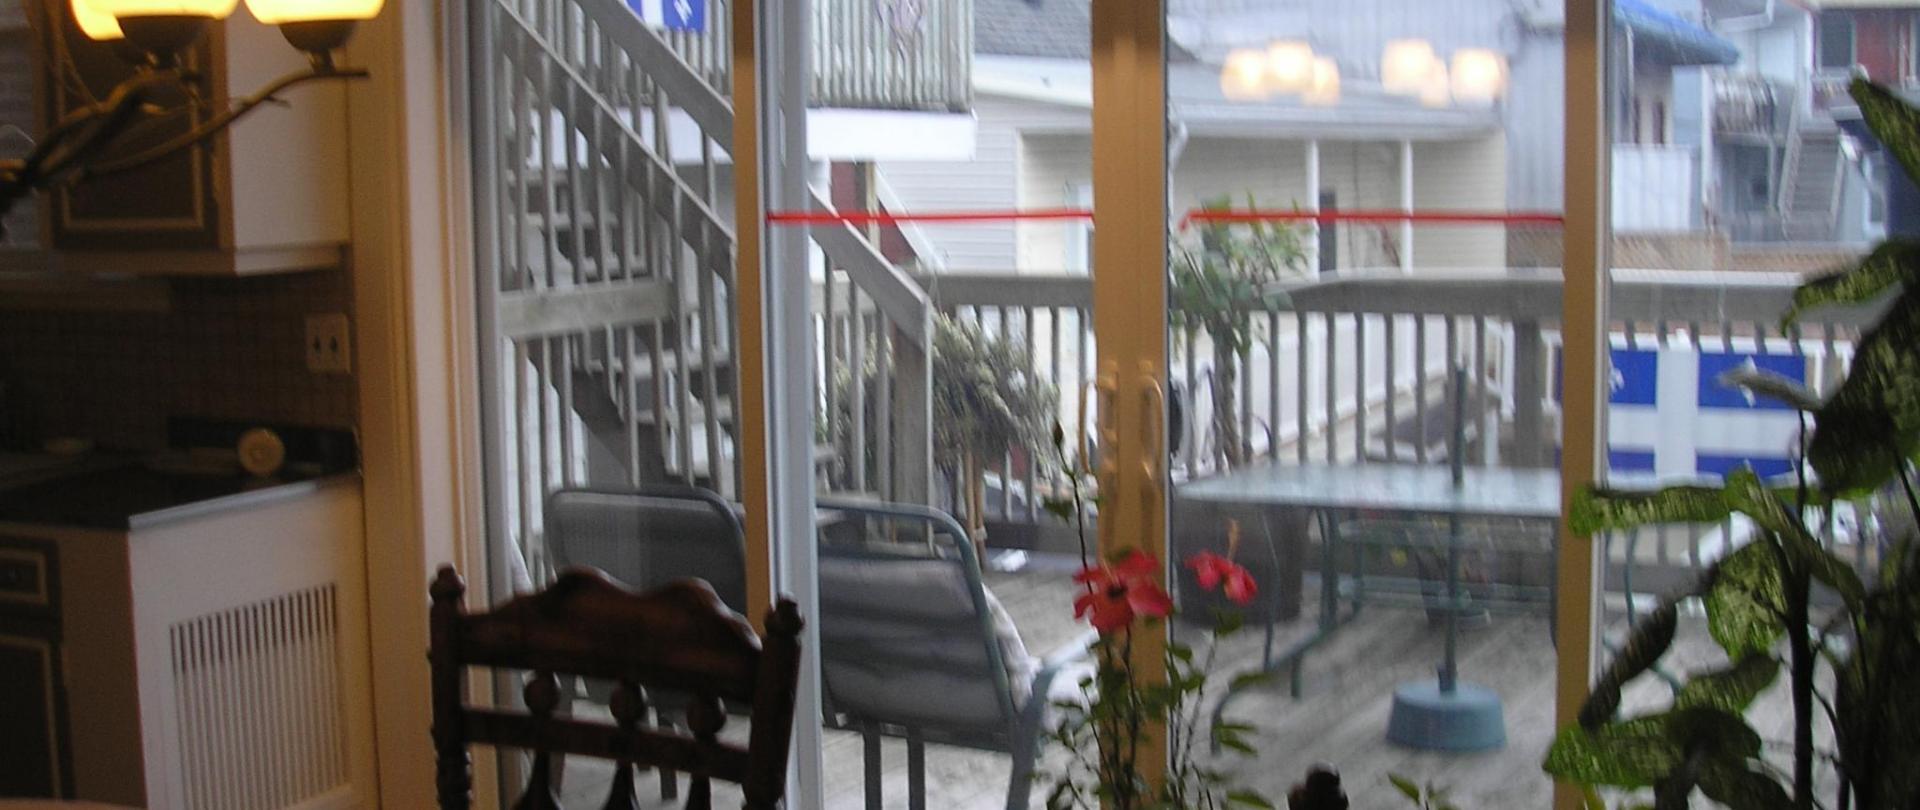 Couette & Café (B & B) À la Québécoise